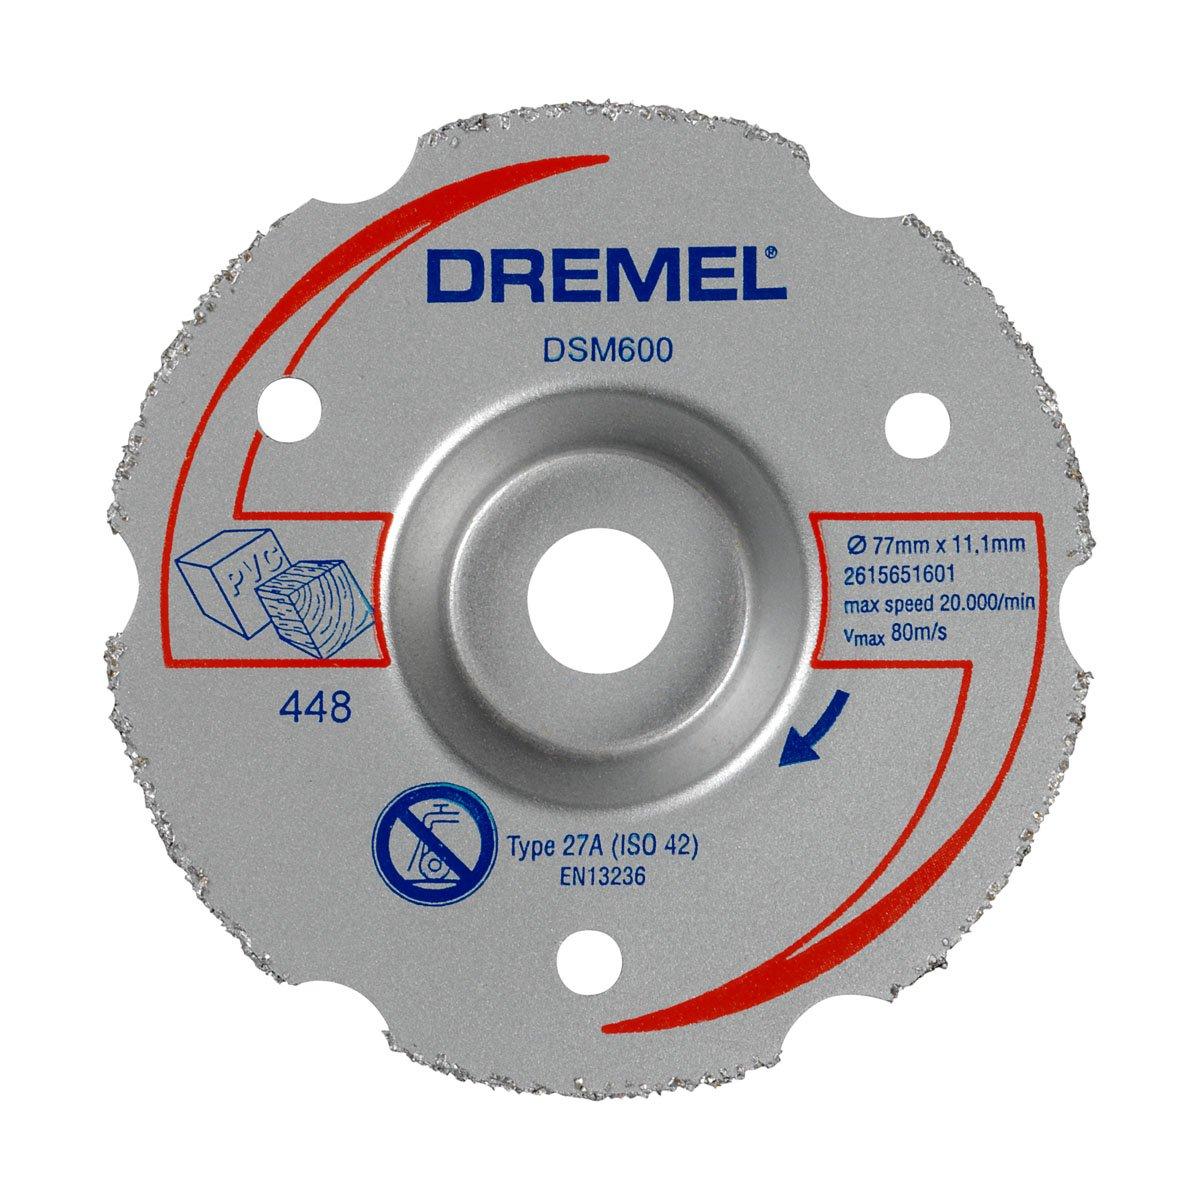 Dremel DSM600 Disco da Taglio Multiuso per Tagli a Filo